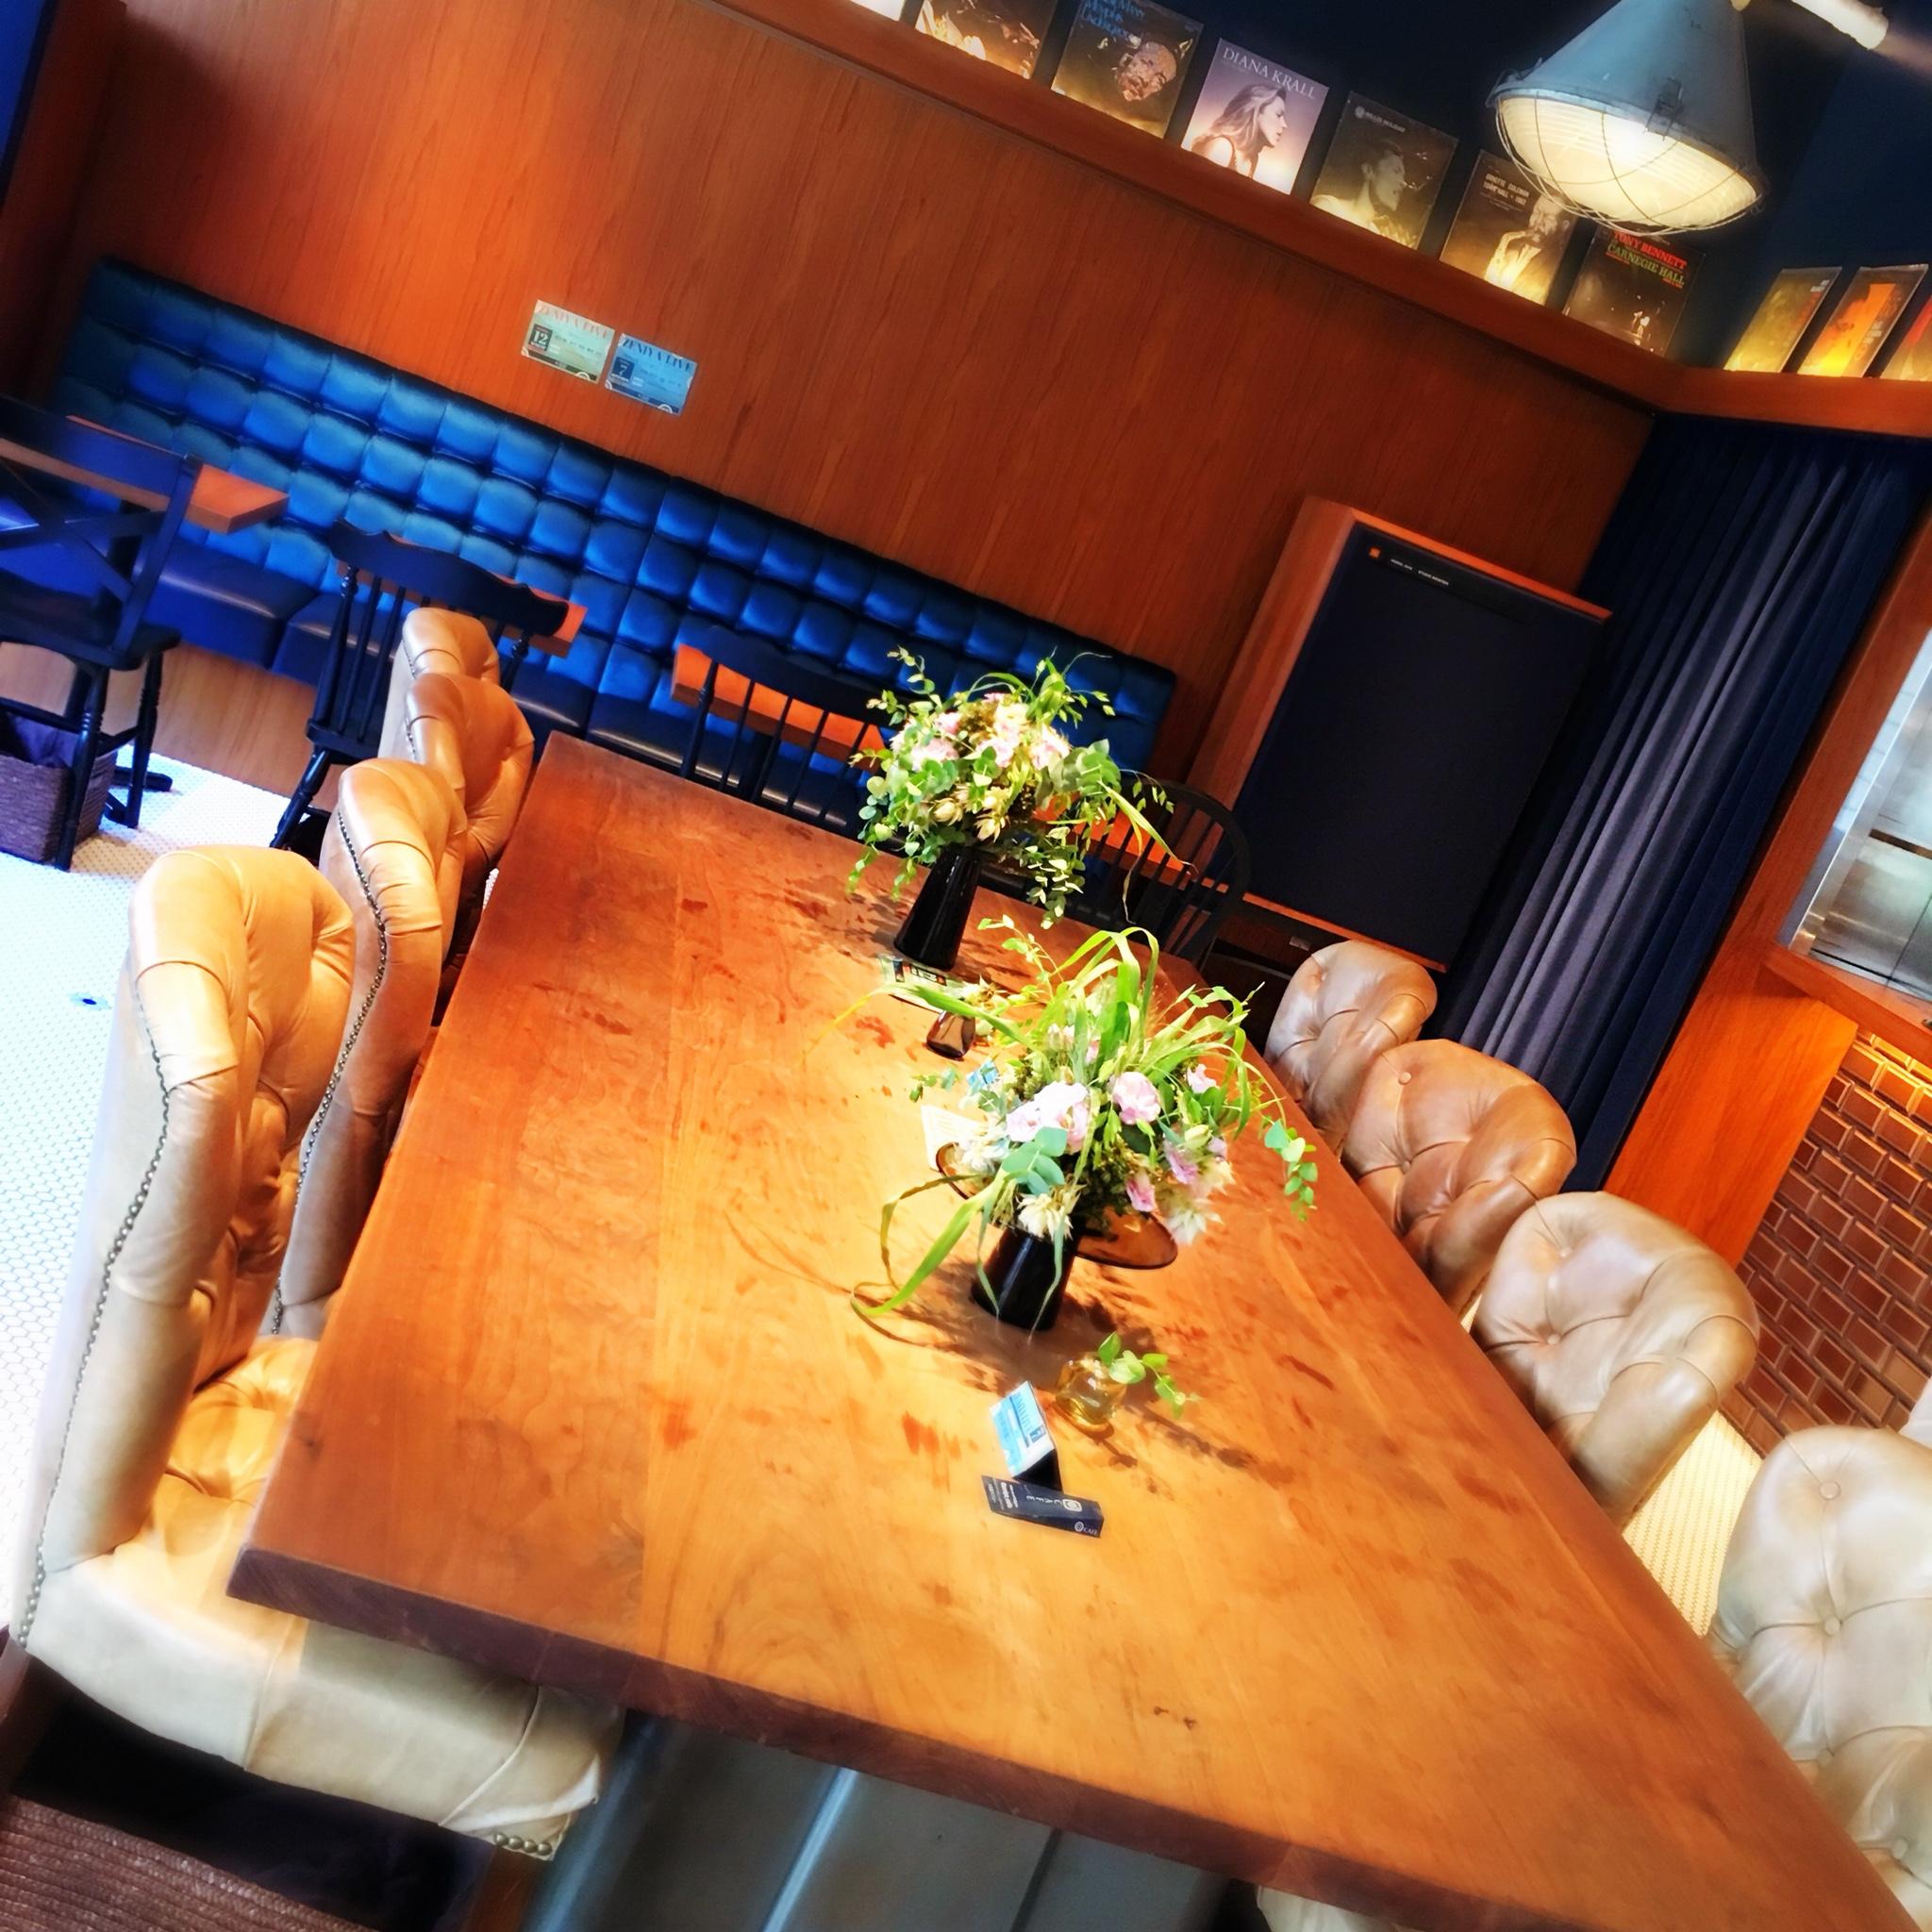 銭屋本舗カフェ,レンタルルーム